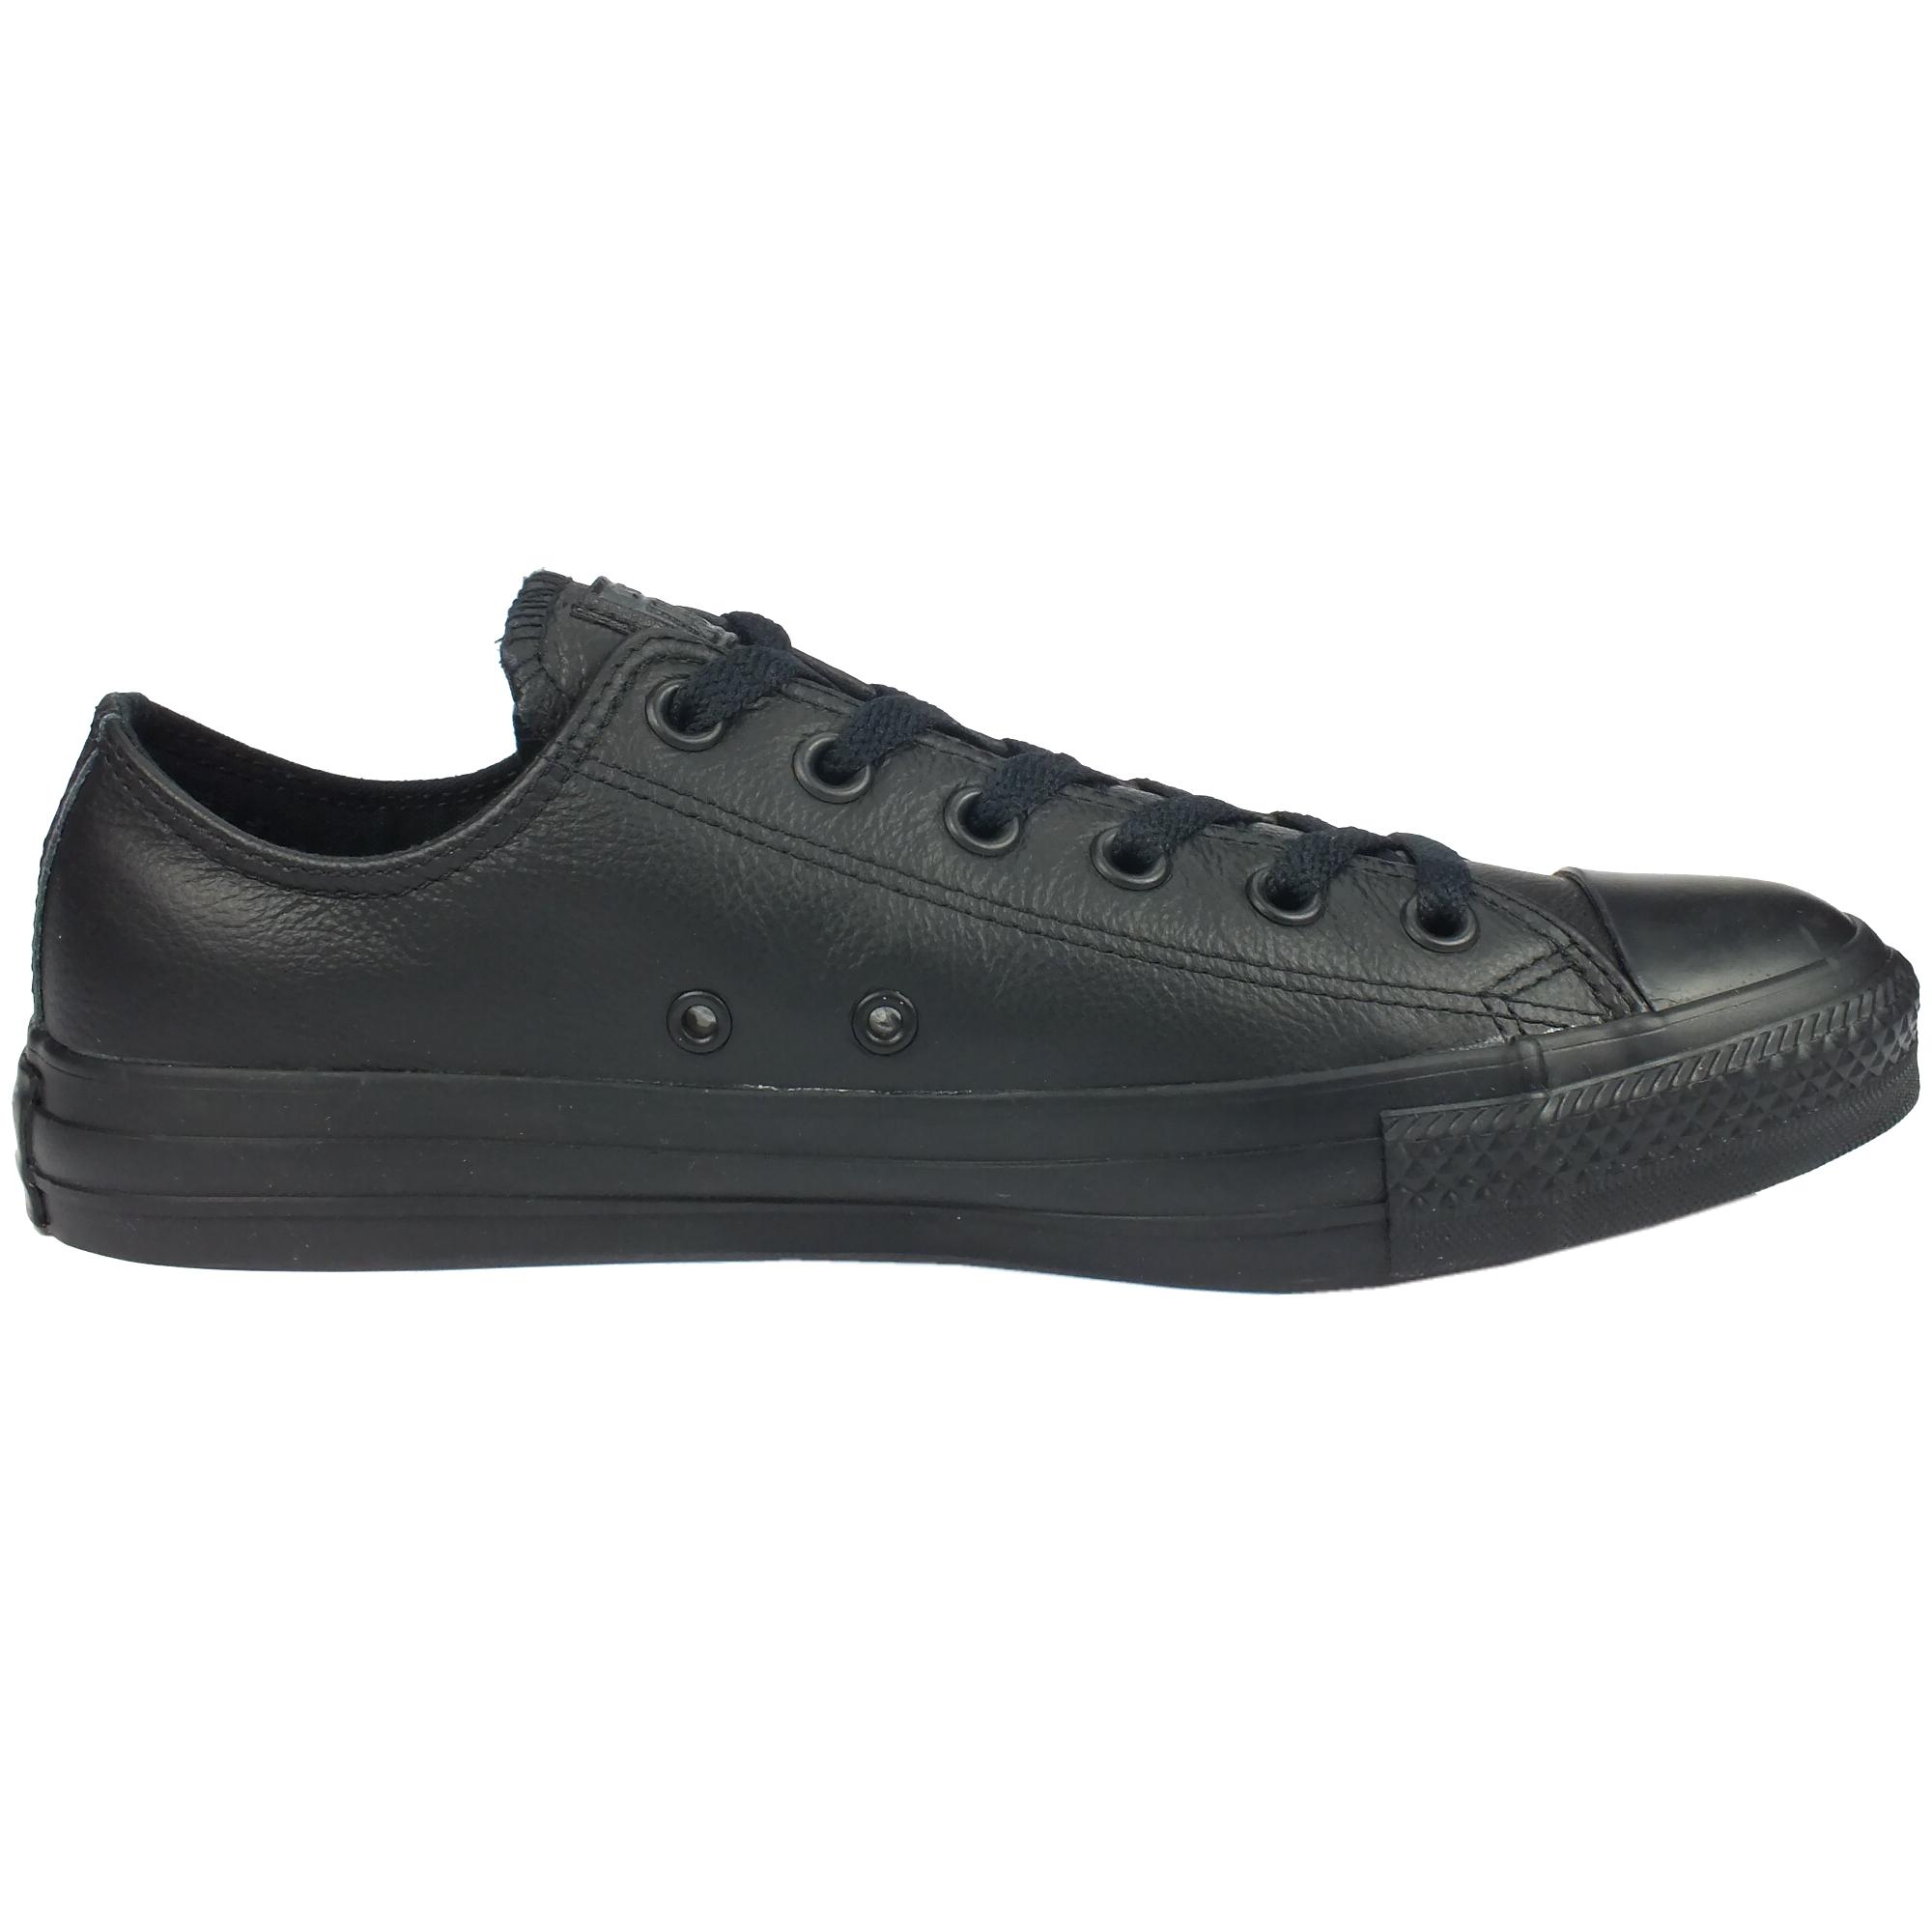 Converse Chuck Taylor Taylor Chuck All Star Core OX Leather Schuhe Sneaker Damen Herren Leder 75b817